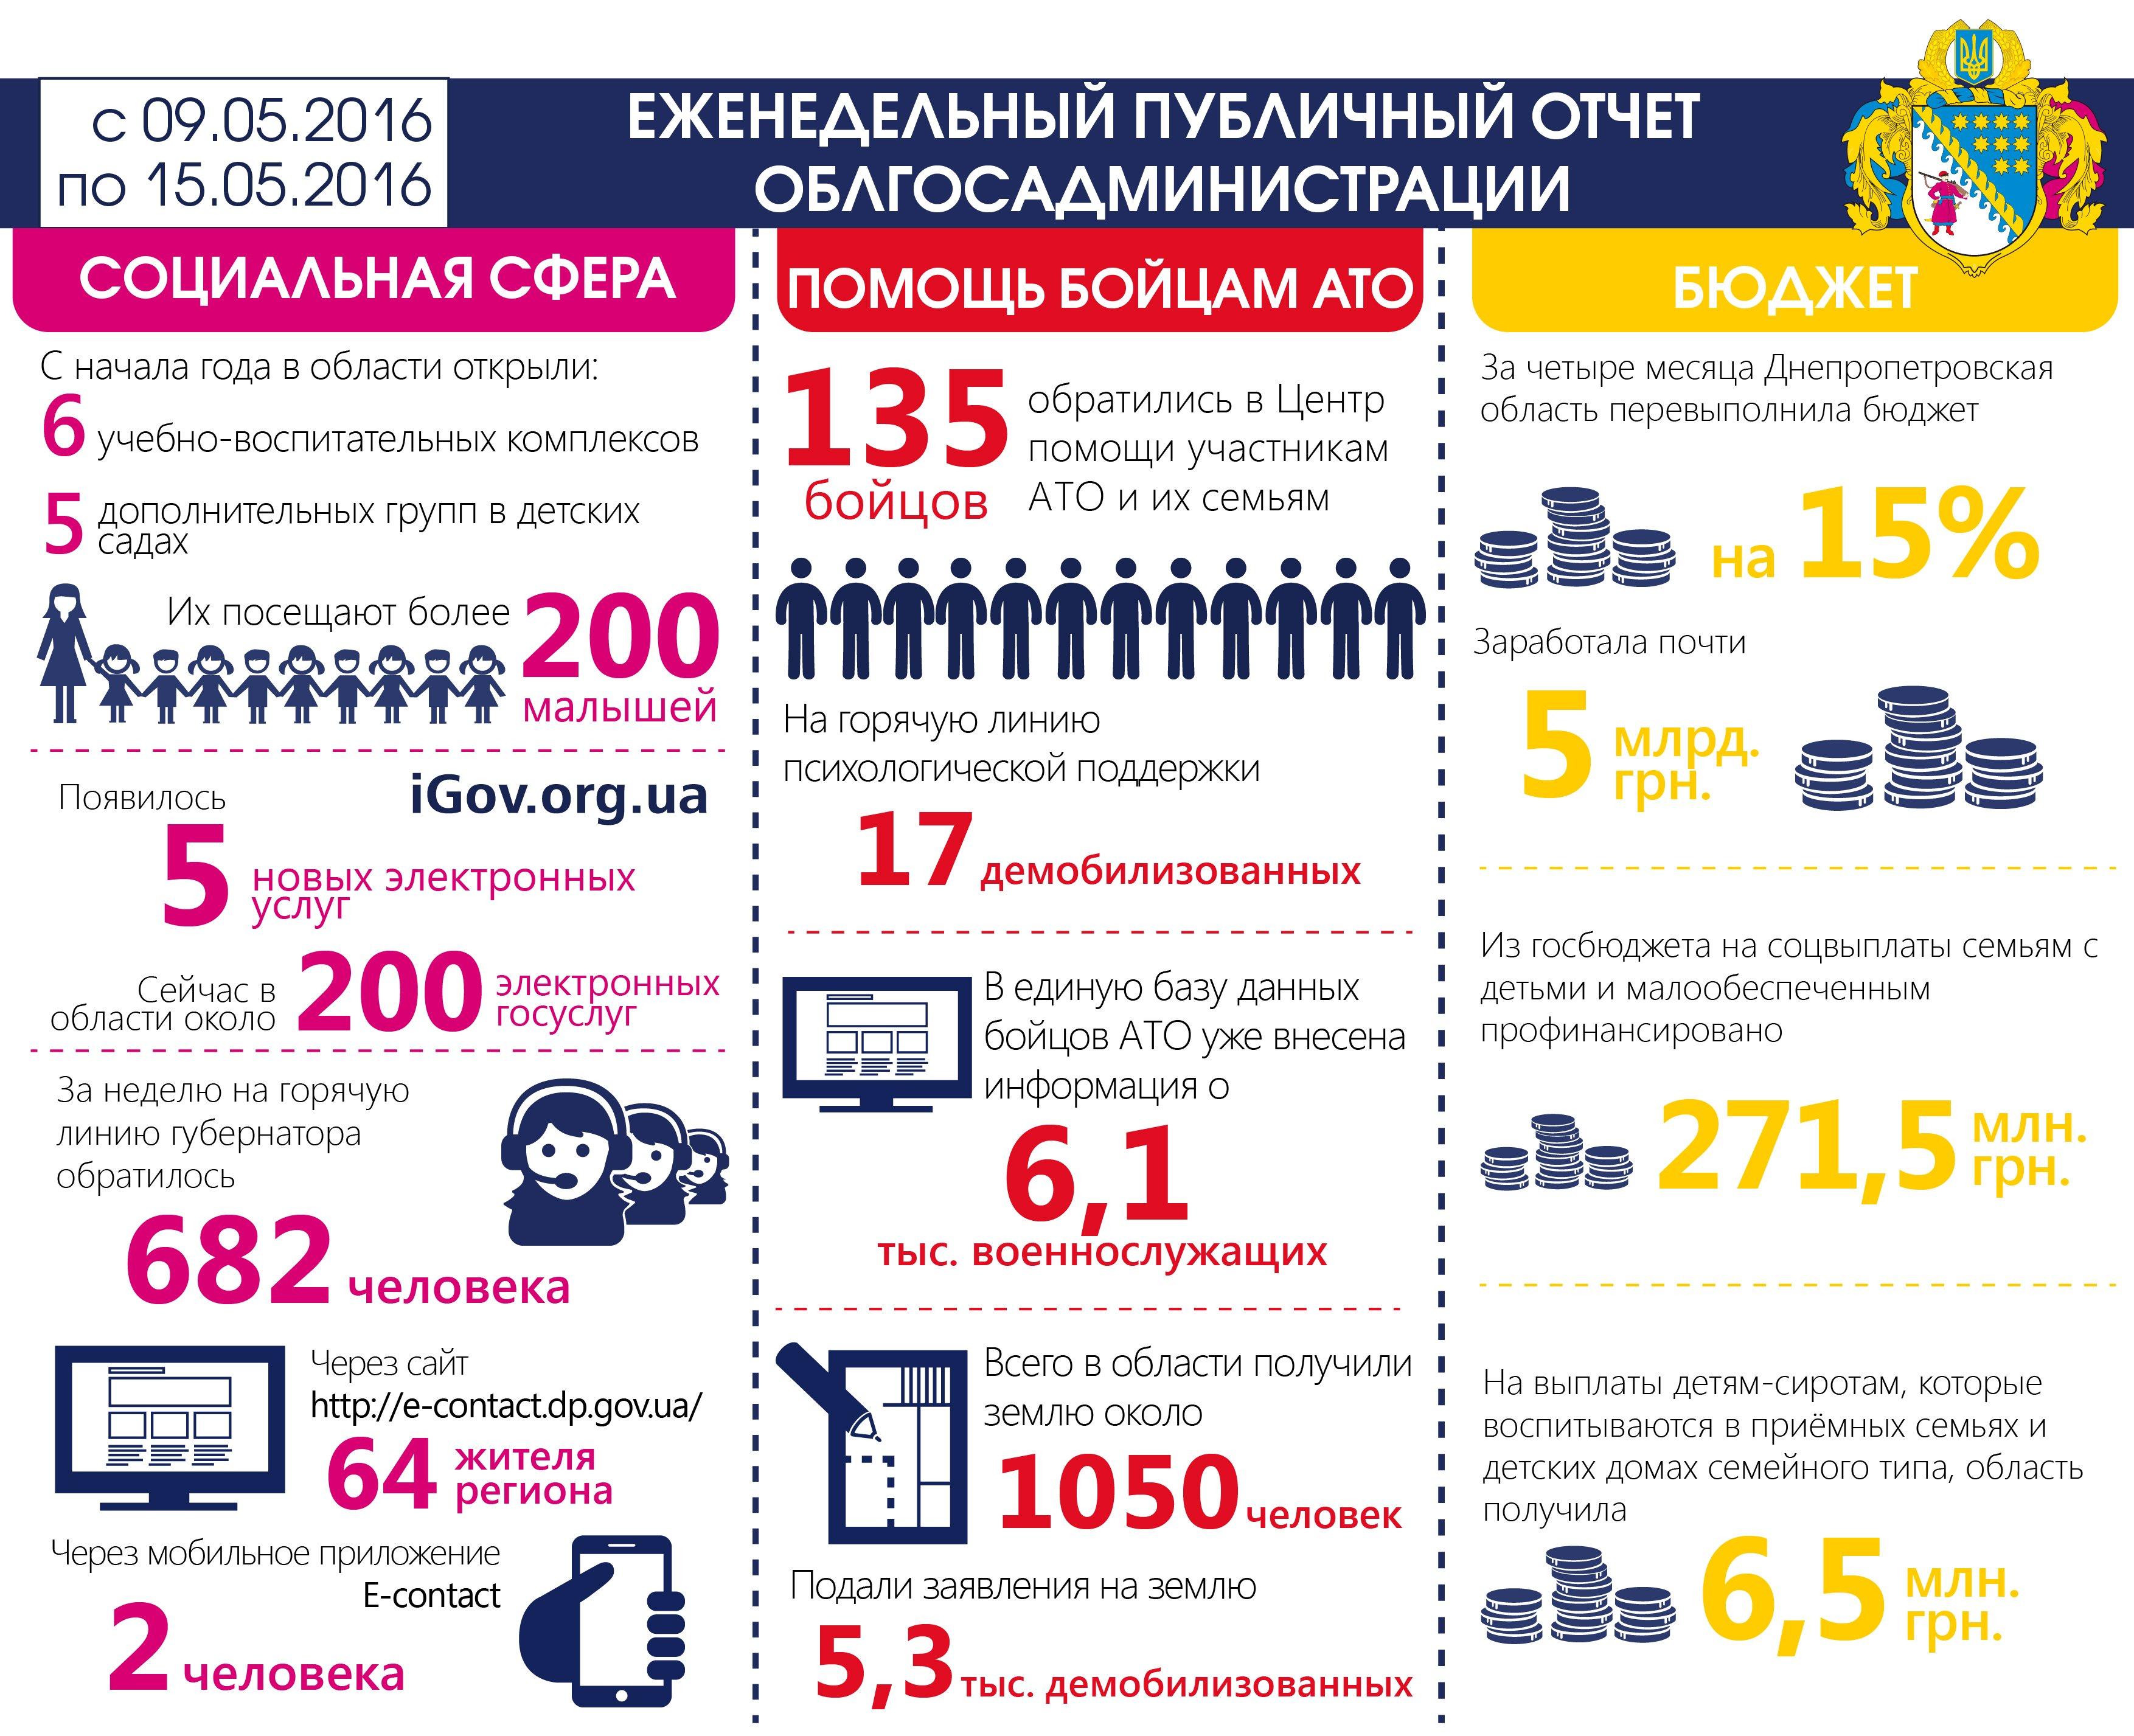 недельный отчет_01_рус_16.05.2016-01 (1).jpg